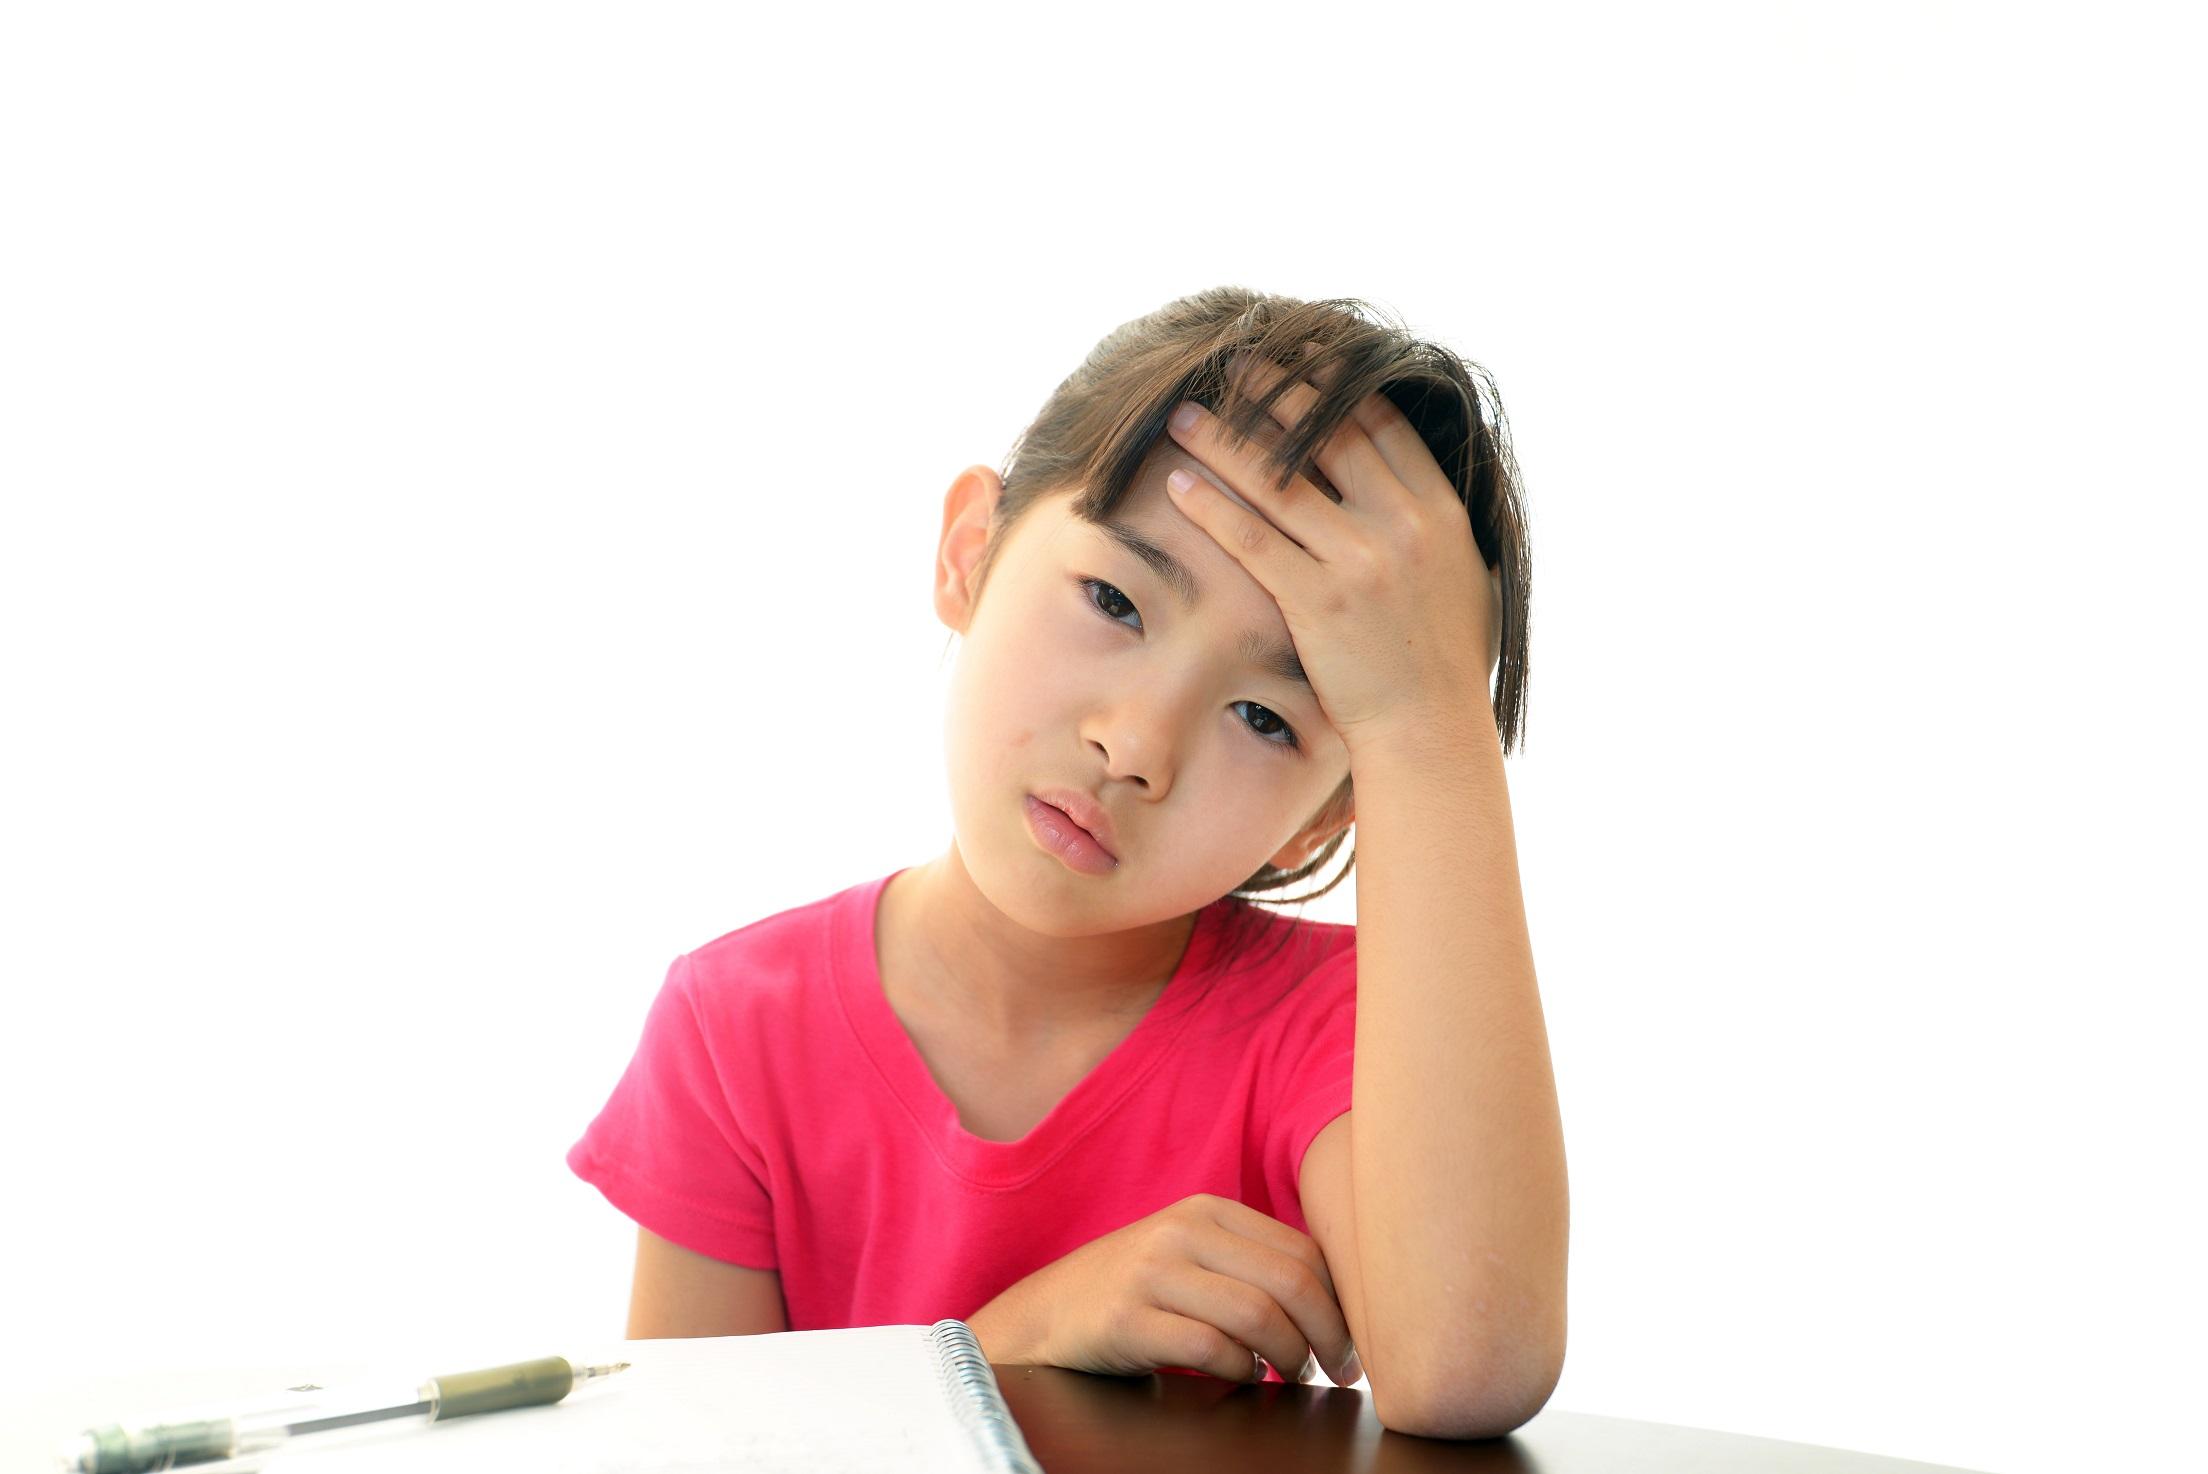 うちの子は頭痛持ちで、小さい時から頭痛薬を使っています。治る方法はありますか?